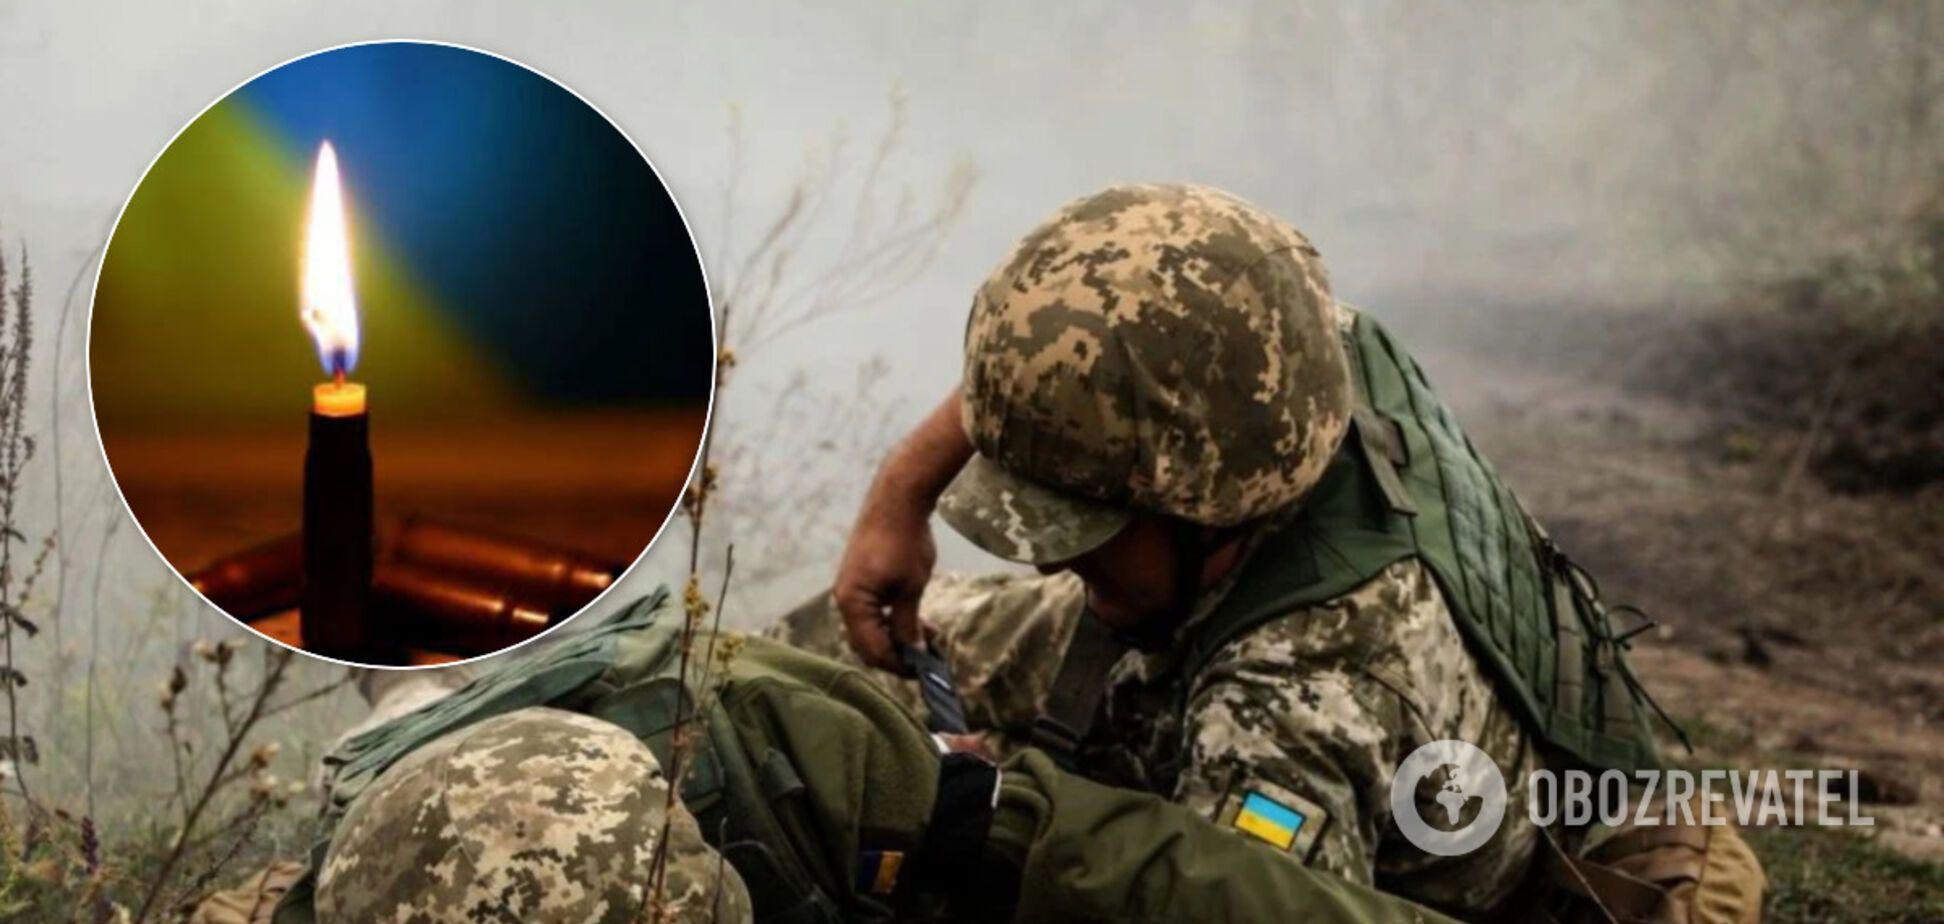 Наемники Путина убили украинского защитника в Вербное воскресенье: еще один ранен